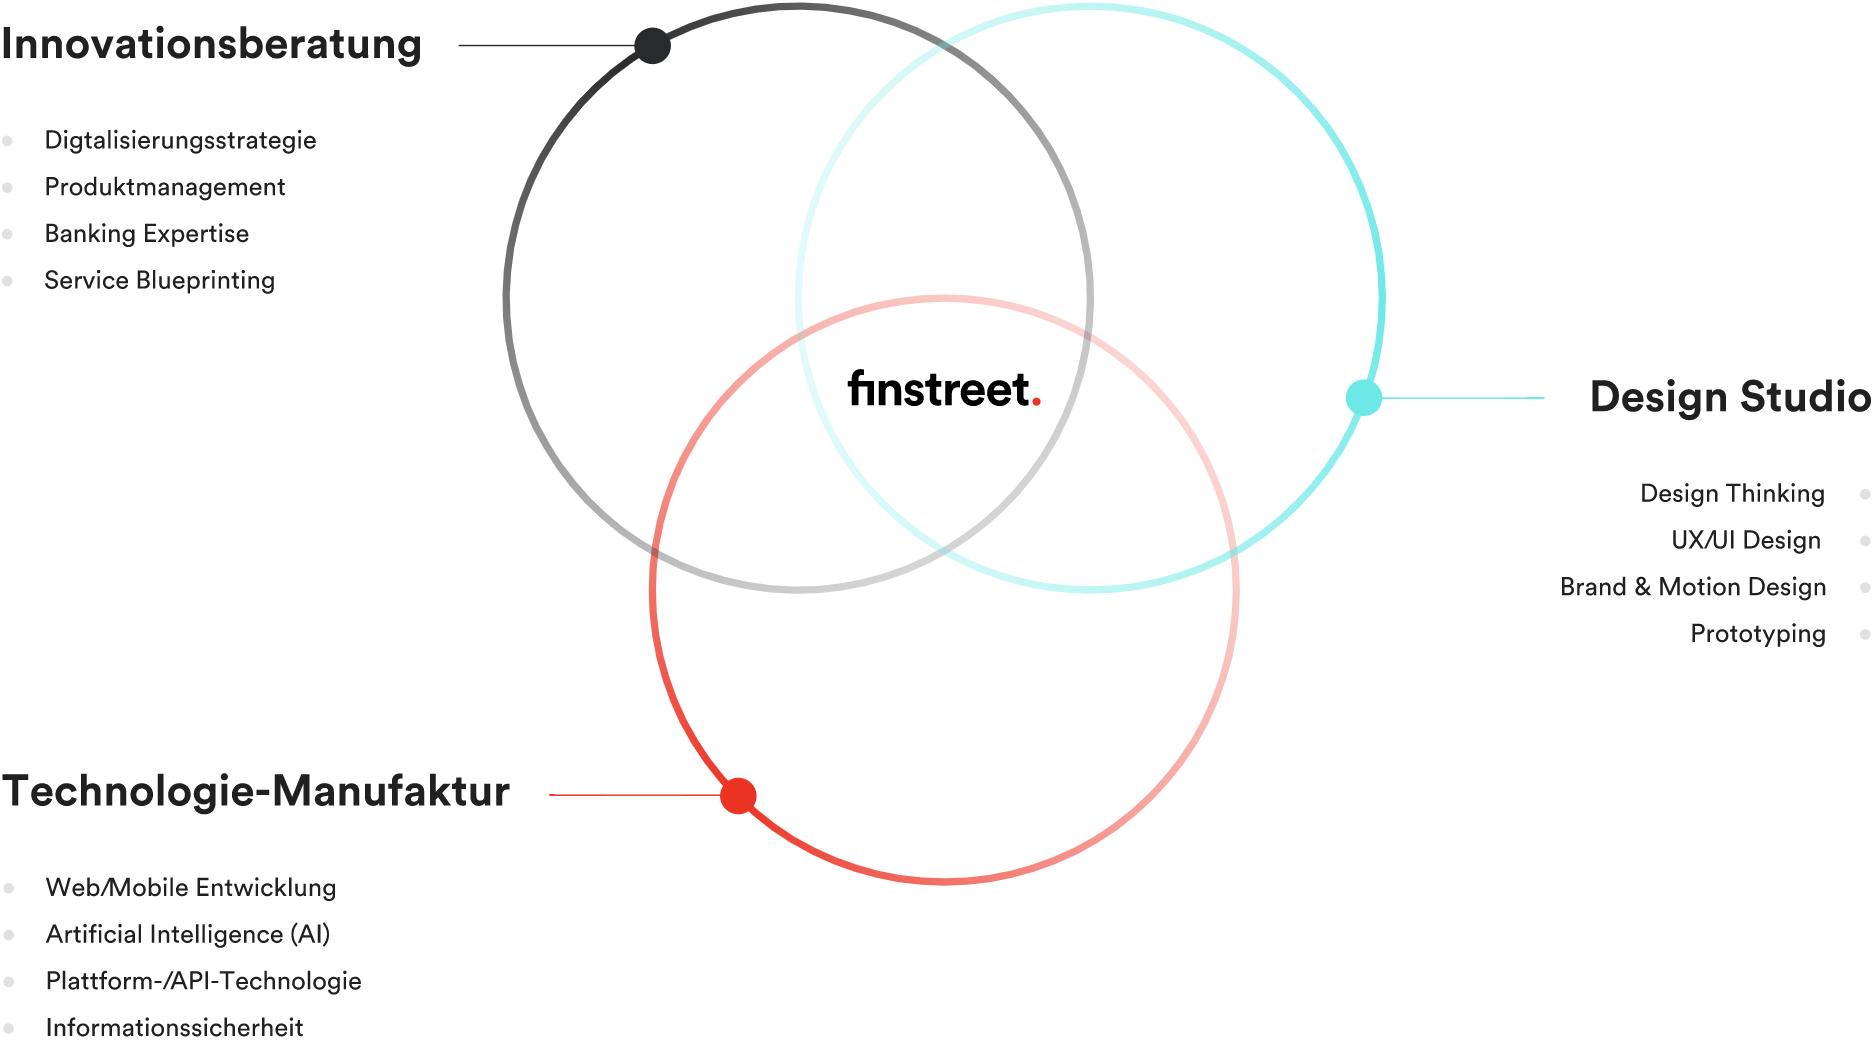 Venn-Digramm mit drei Begriffen (Innovationsberatung, Design, Programmierung), in deren Schnittmenge das finstreet-Logo steht